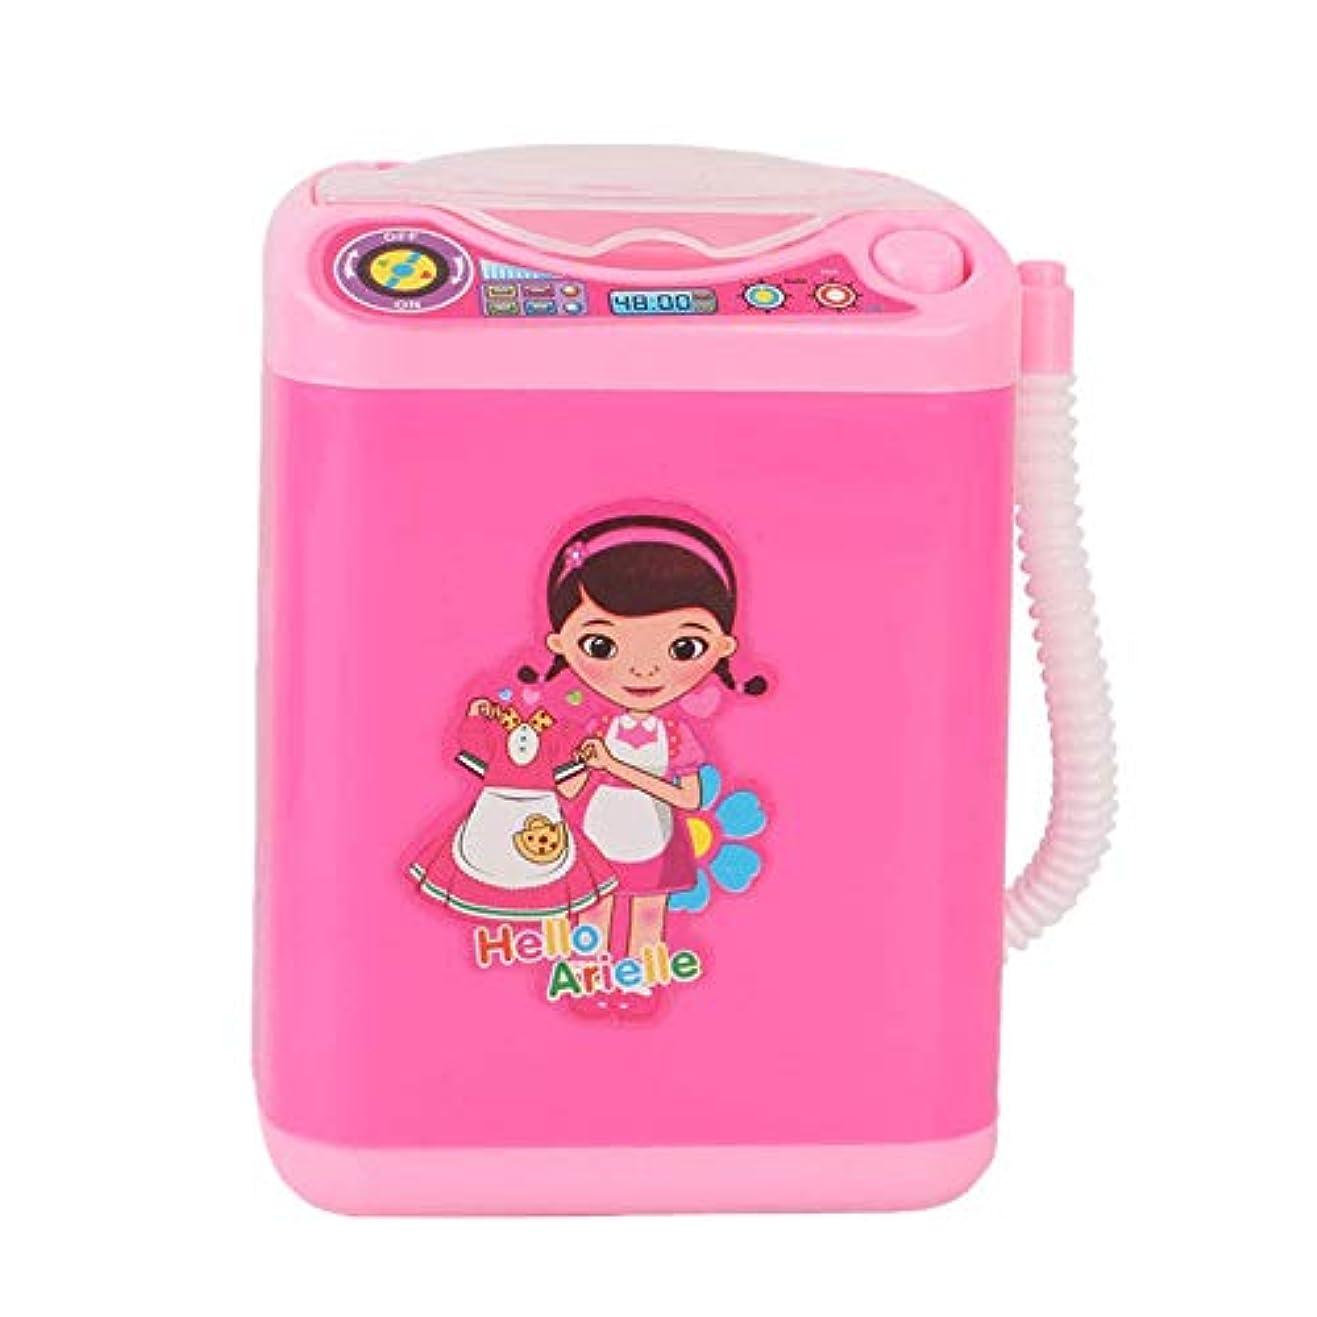 スケルトン不実予測Missley ミニブレンダー洗濯機のおもちゃ美容スポンジブラシワッシャーメイクアップブラシクリーナー模擬電化製品教育ギフト (Style4)